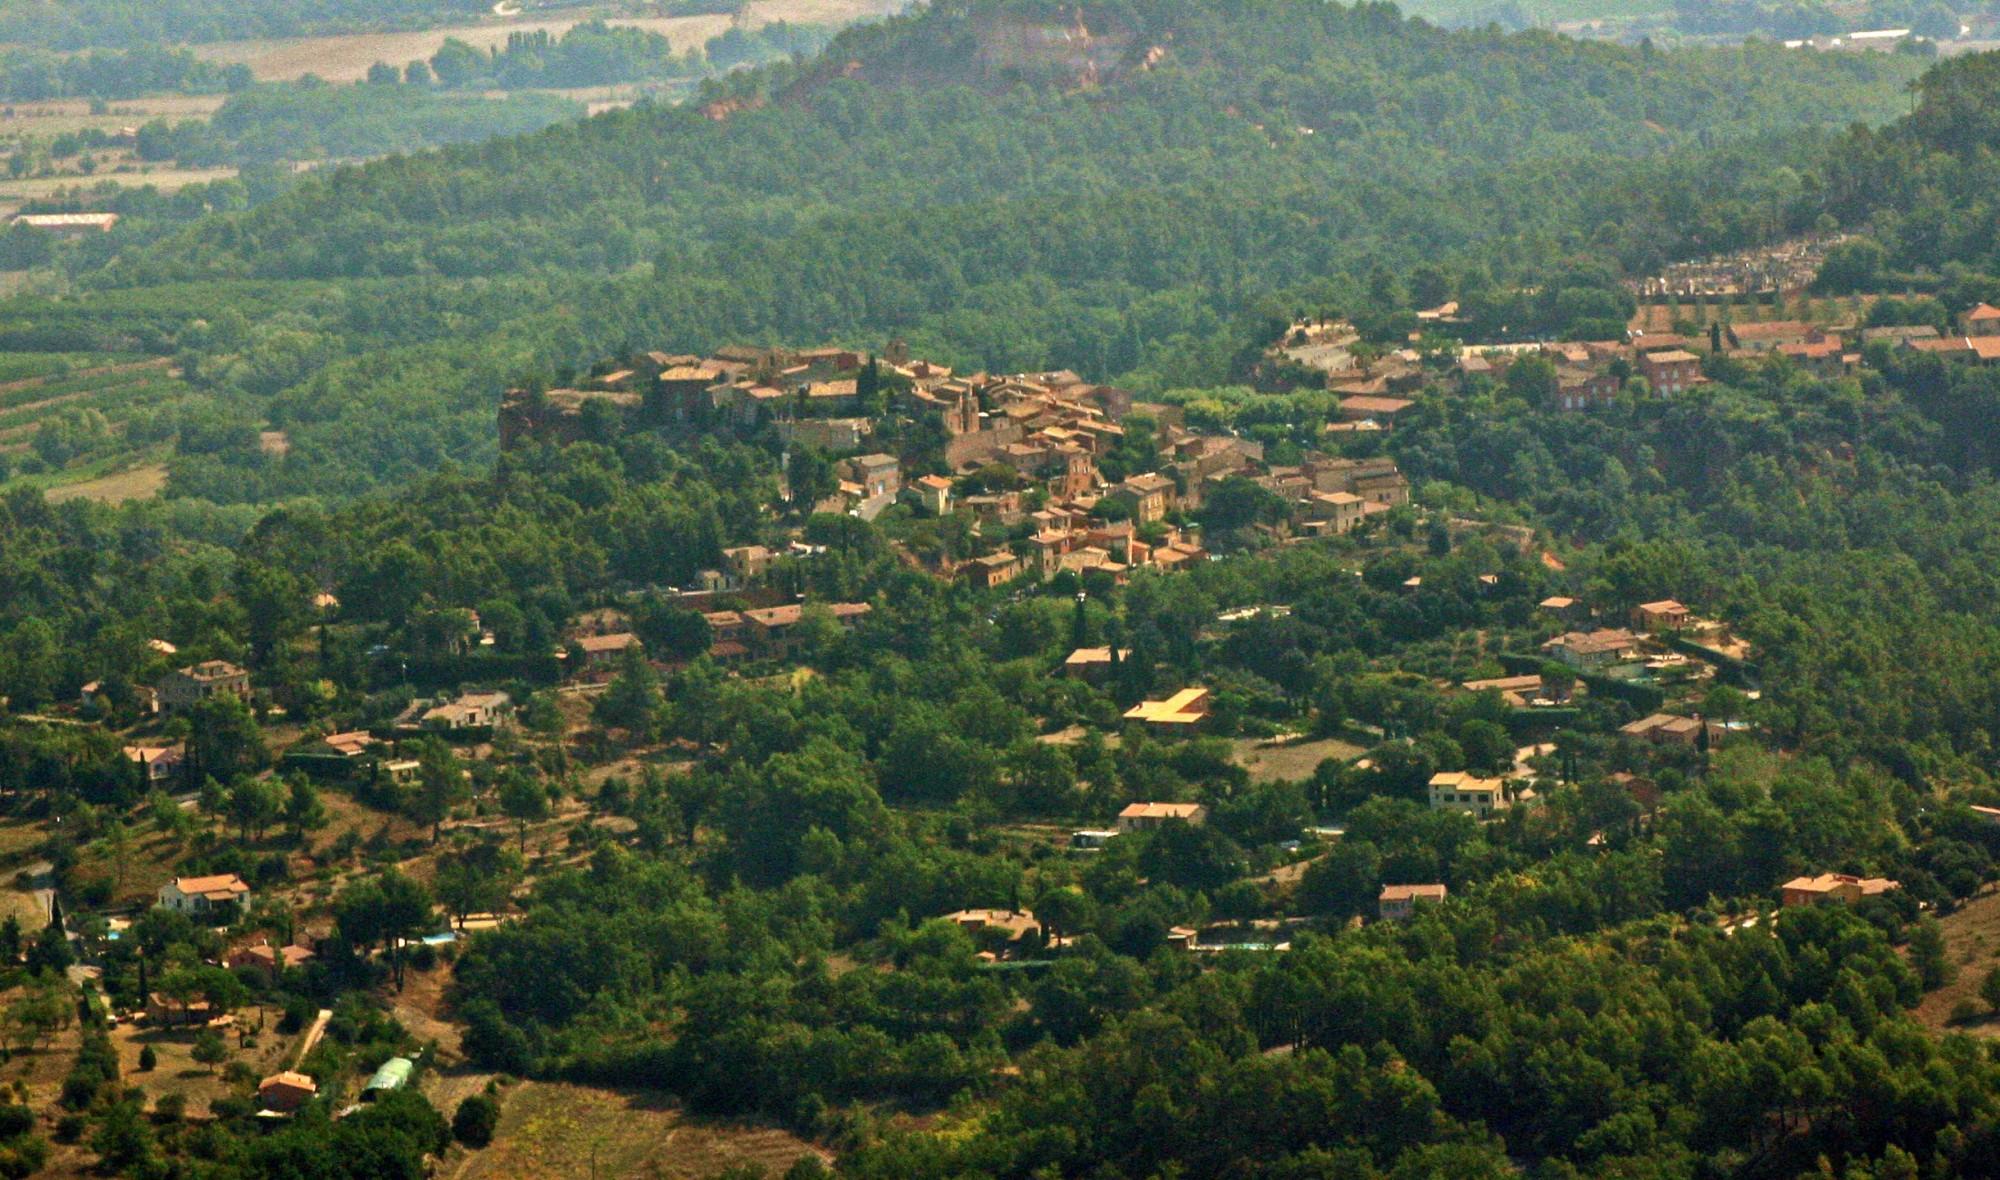 Vue aérienne de Roussillon, Vaucluse